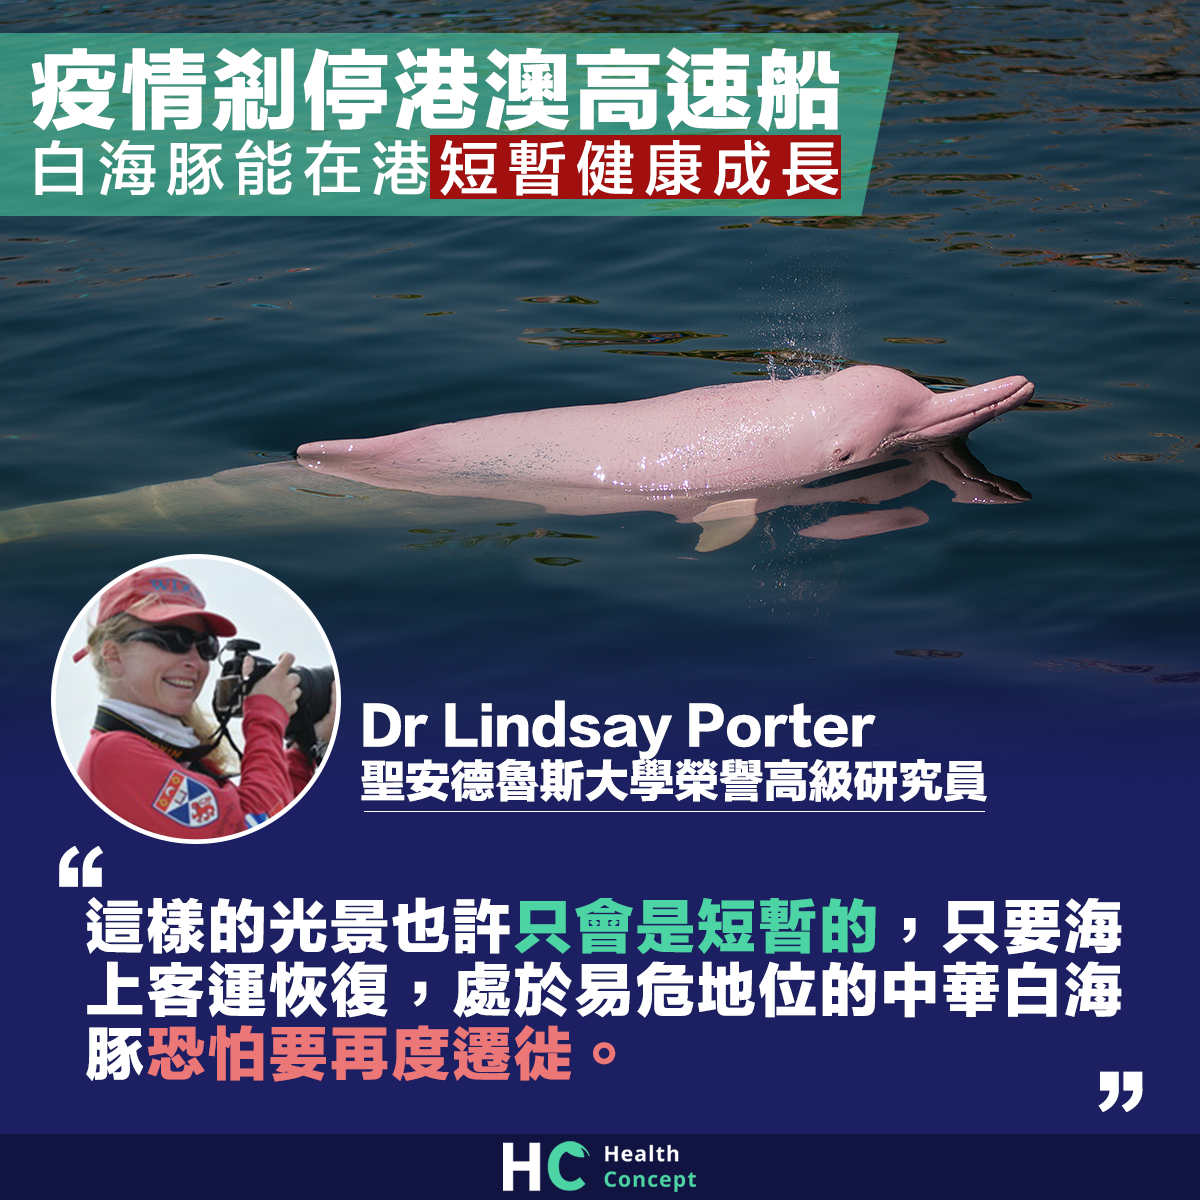 【白海豚再現】疫情剎停港澳高速船 白海豚能在港短暫健康成長